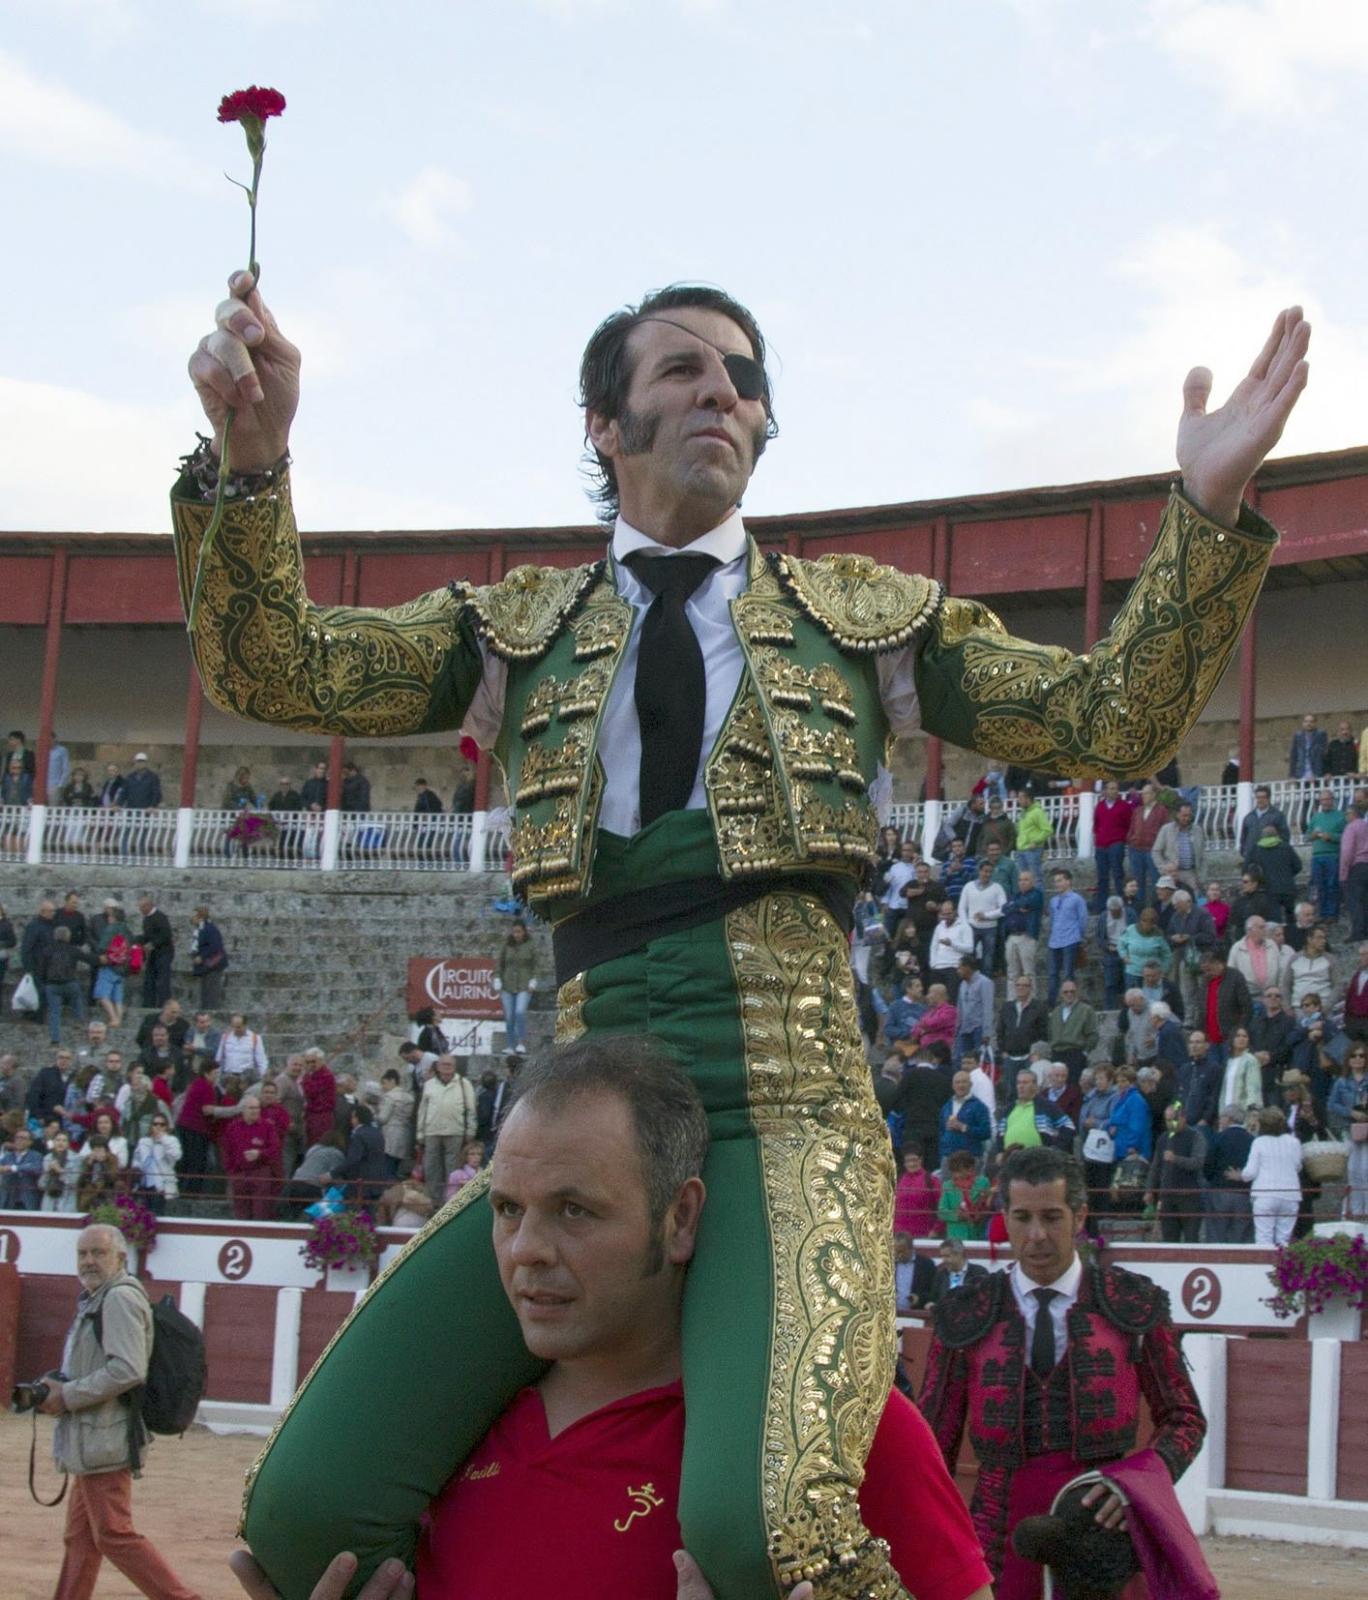 Hiszpański torreador Juan Jose Padilla niesiony przez publiczność po swoim wspaniałym występie, Zamora, zachodnia Hiszpania.